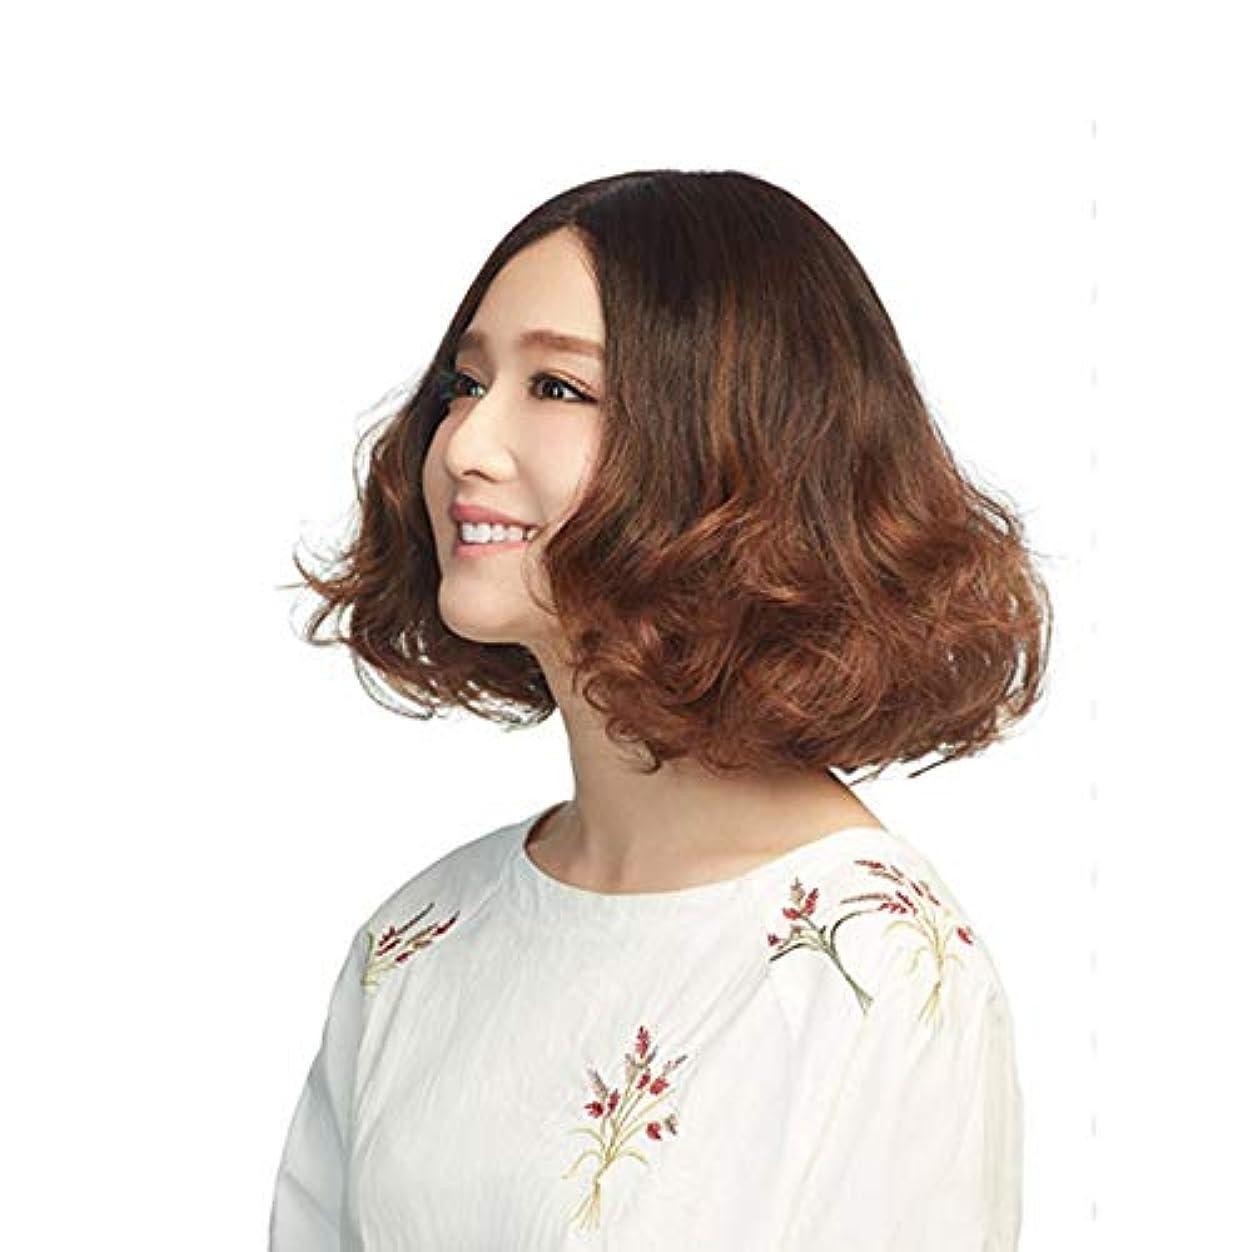 意気込み決定的滅びるYOUQIU 無料キャップウィッグを持つ女性の茶ショートカーリーヘアふわふわ人工毛 (色 : ブラウン)